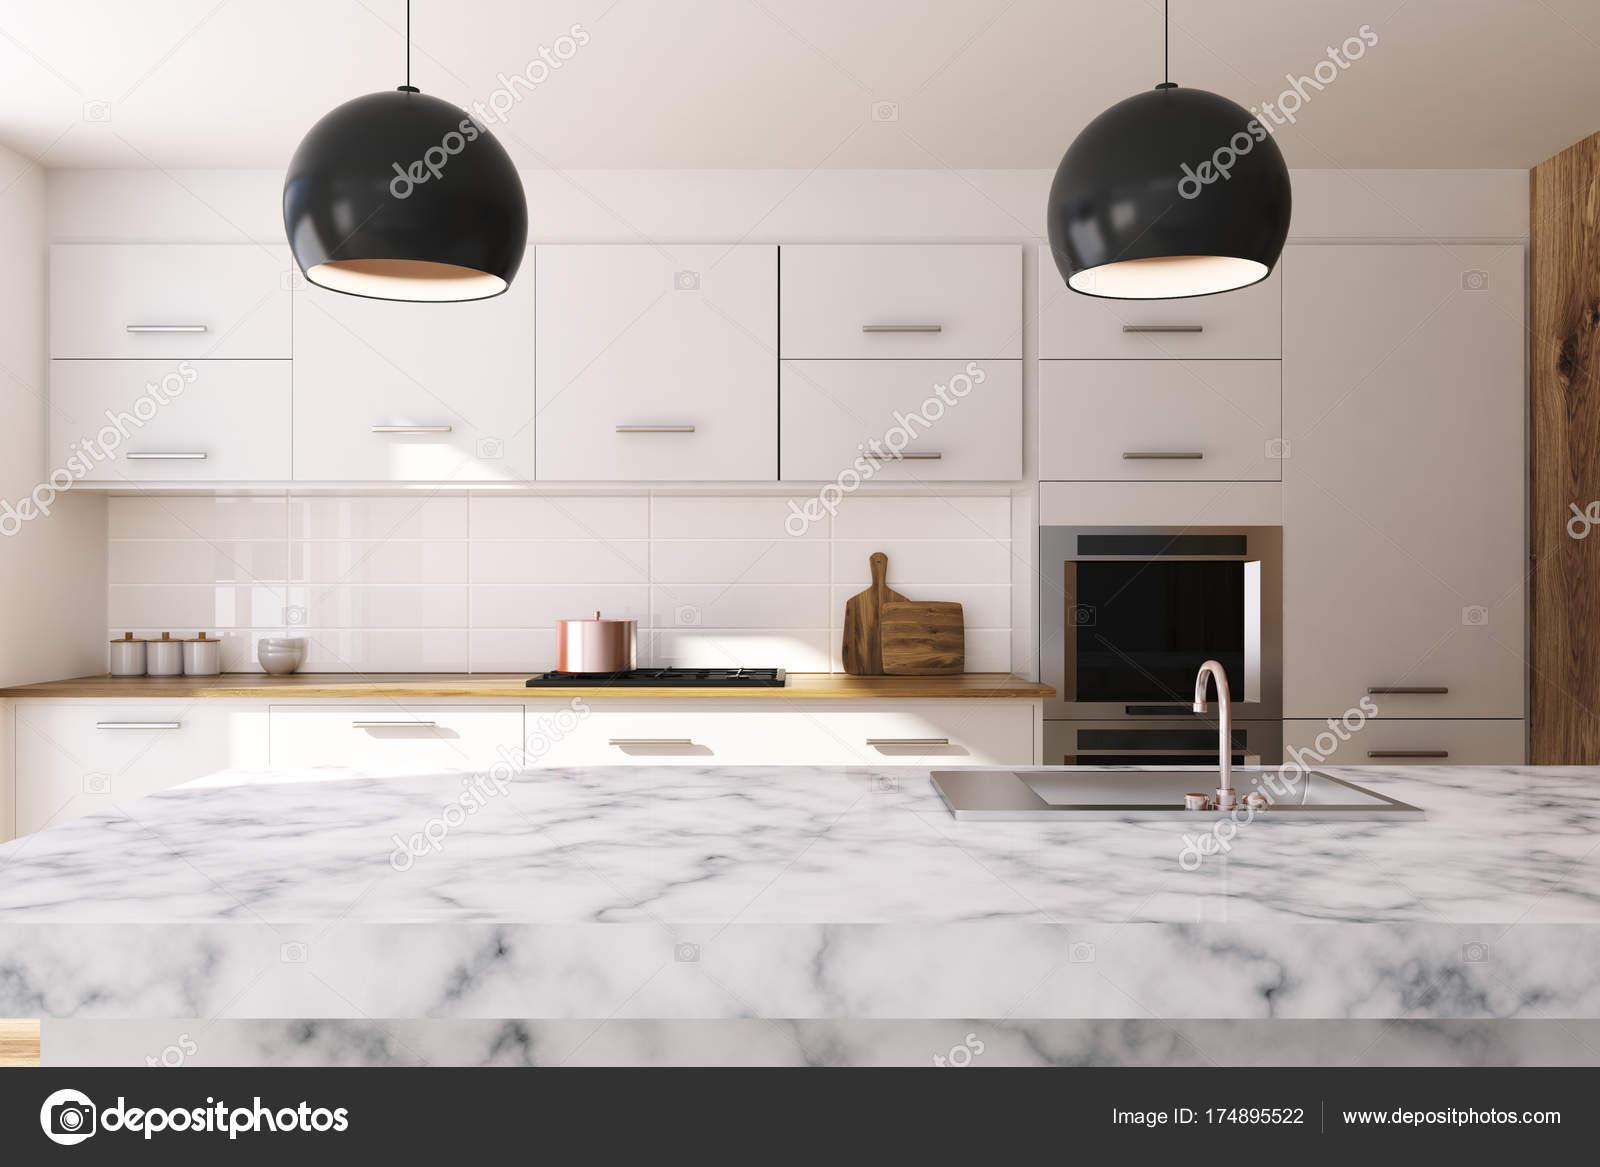 Biała Kuchnia Blat Marmurowy Zdjęcie Stockowe